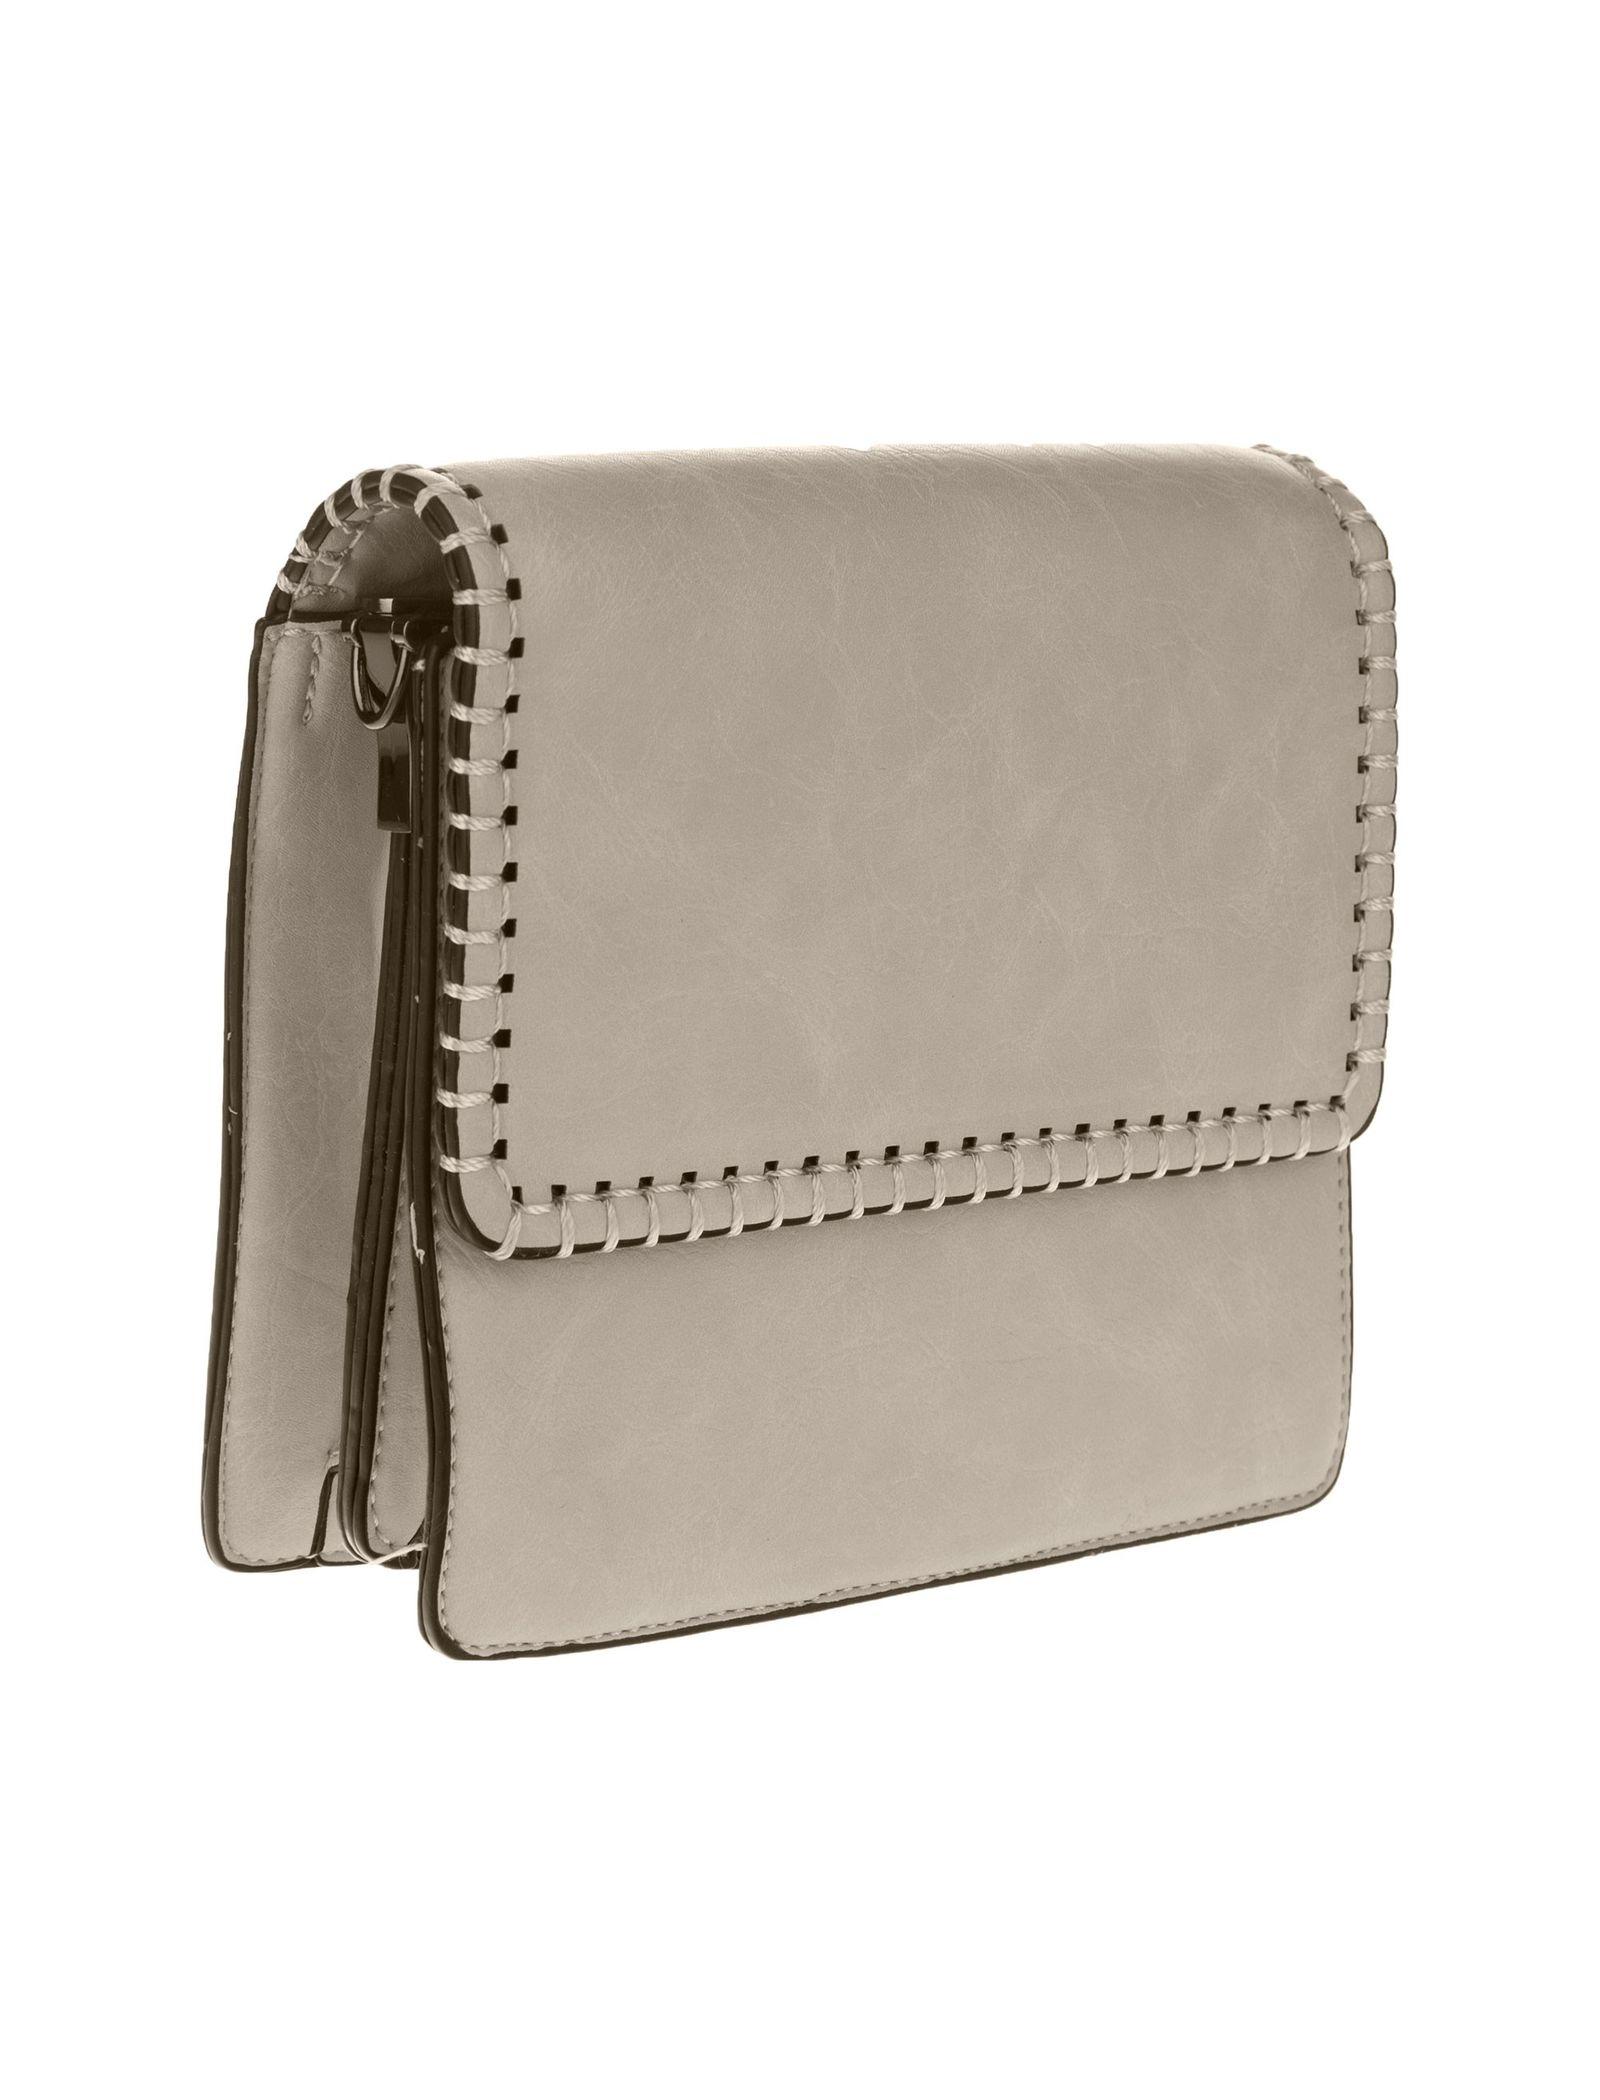 کیف دوشی روزمره زنانه - جانی اند جانی تک سایز - بژ - 5